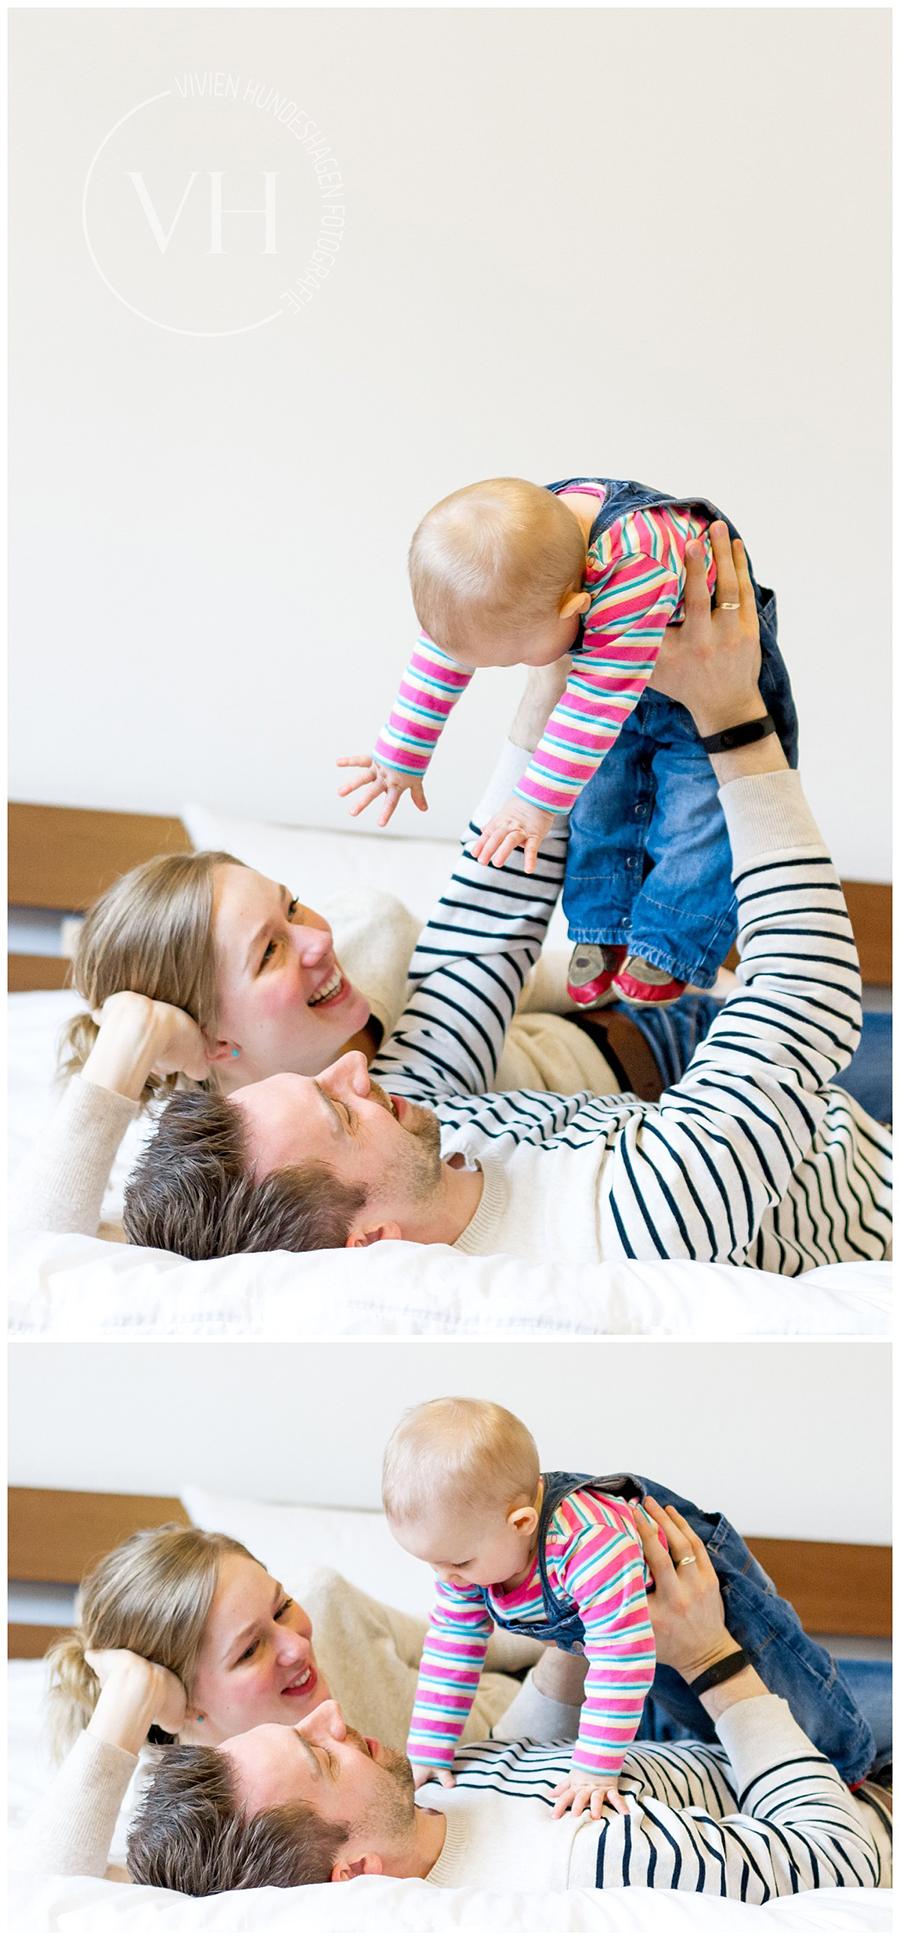 Familienfotos_natürlich_locker_homestory_braunschweig_wolfsburg_wolfenbüttel_harz_Fotografin_Vivien_Hundeshagen_Kinder_02